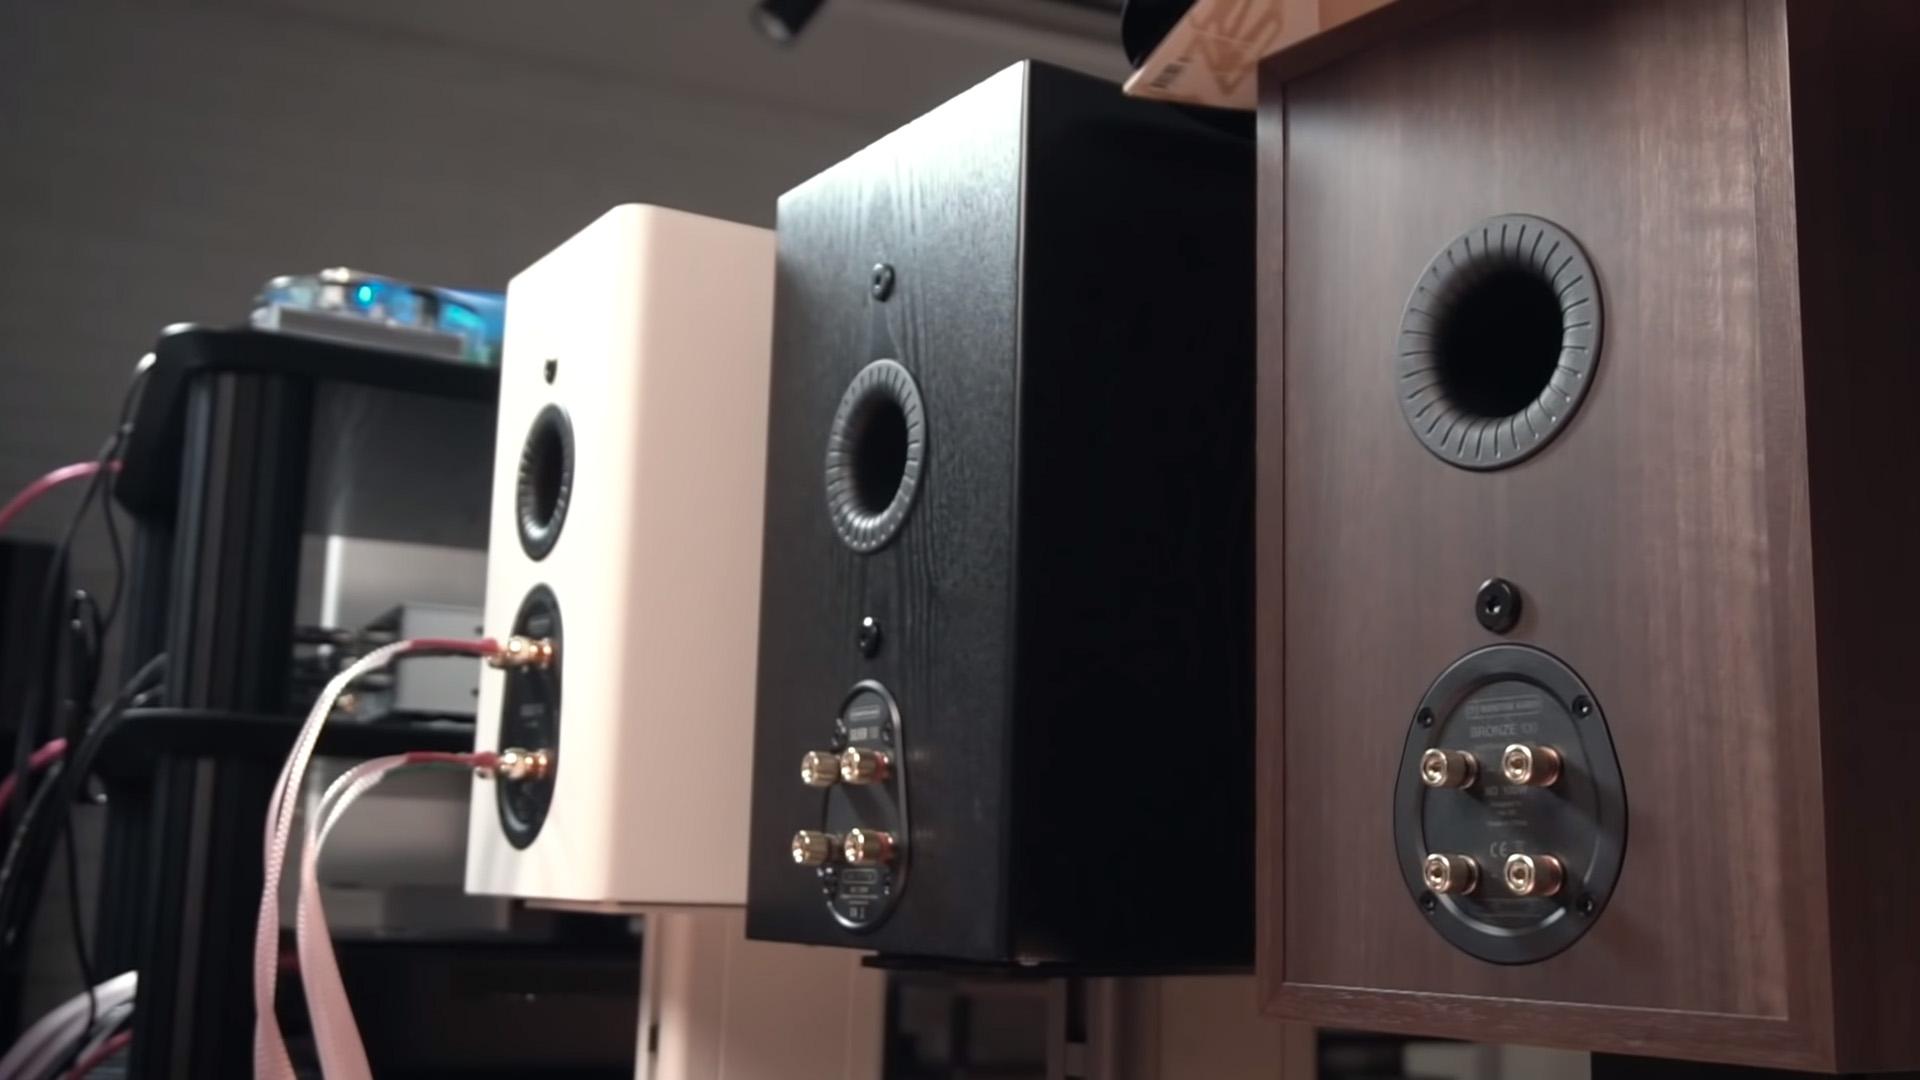 От малого к великому: Михаил Борзенков сравнивает полочники Monitor Audio разных линеек